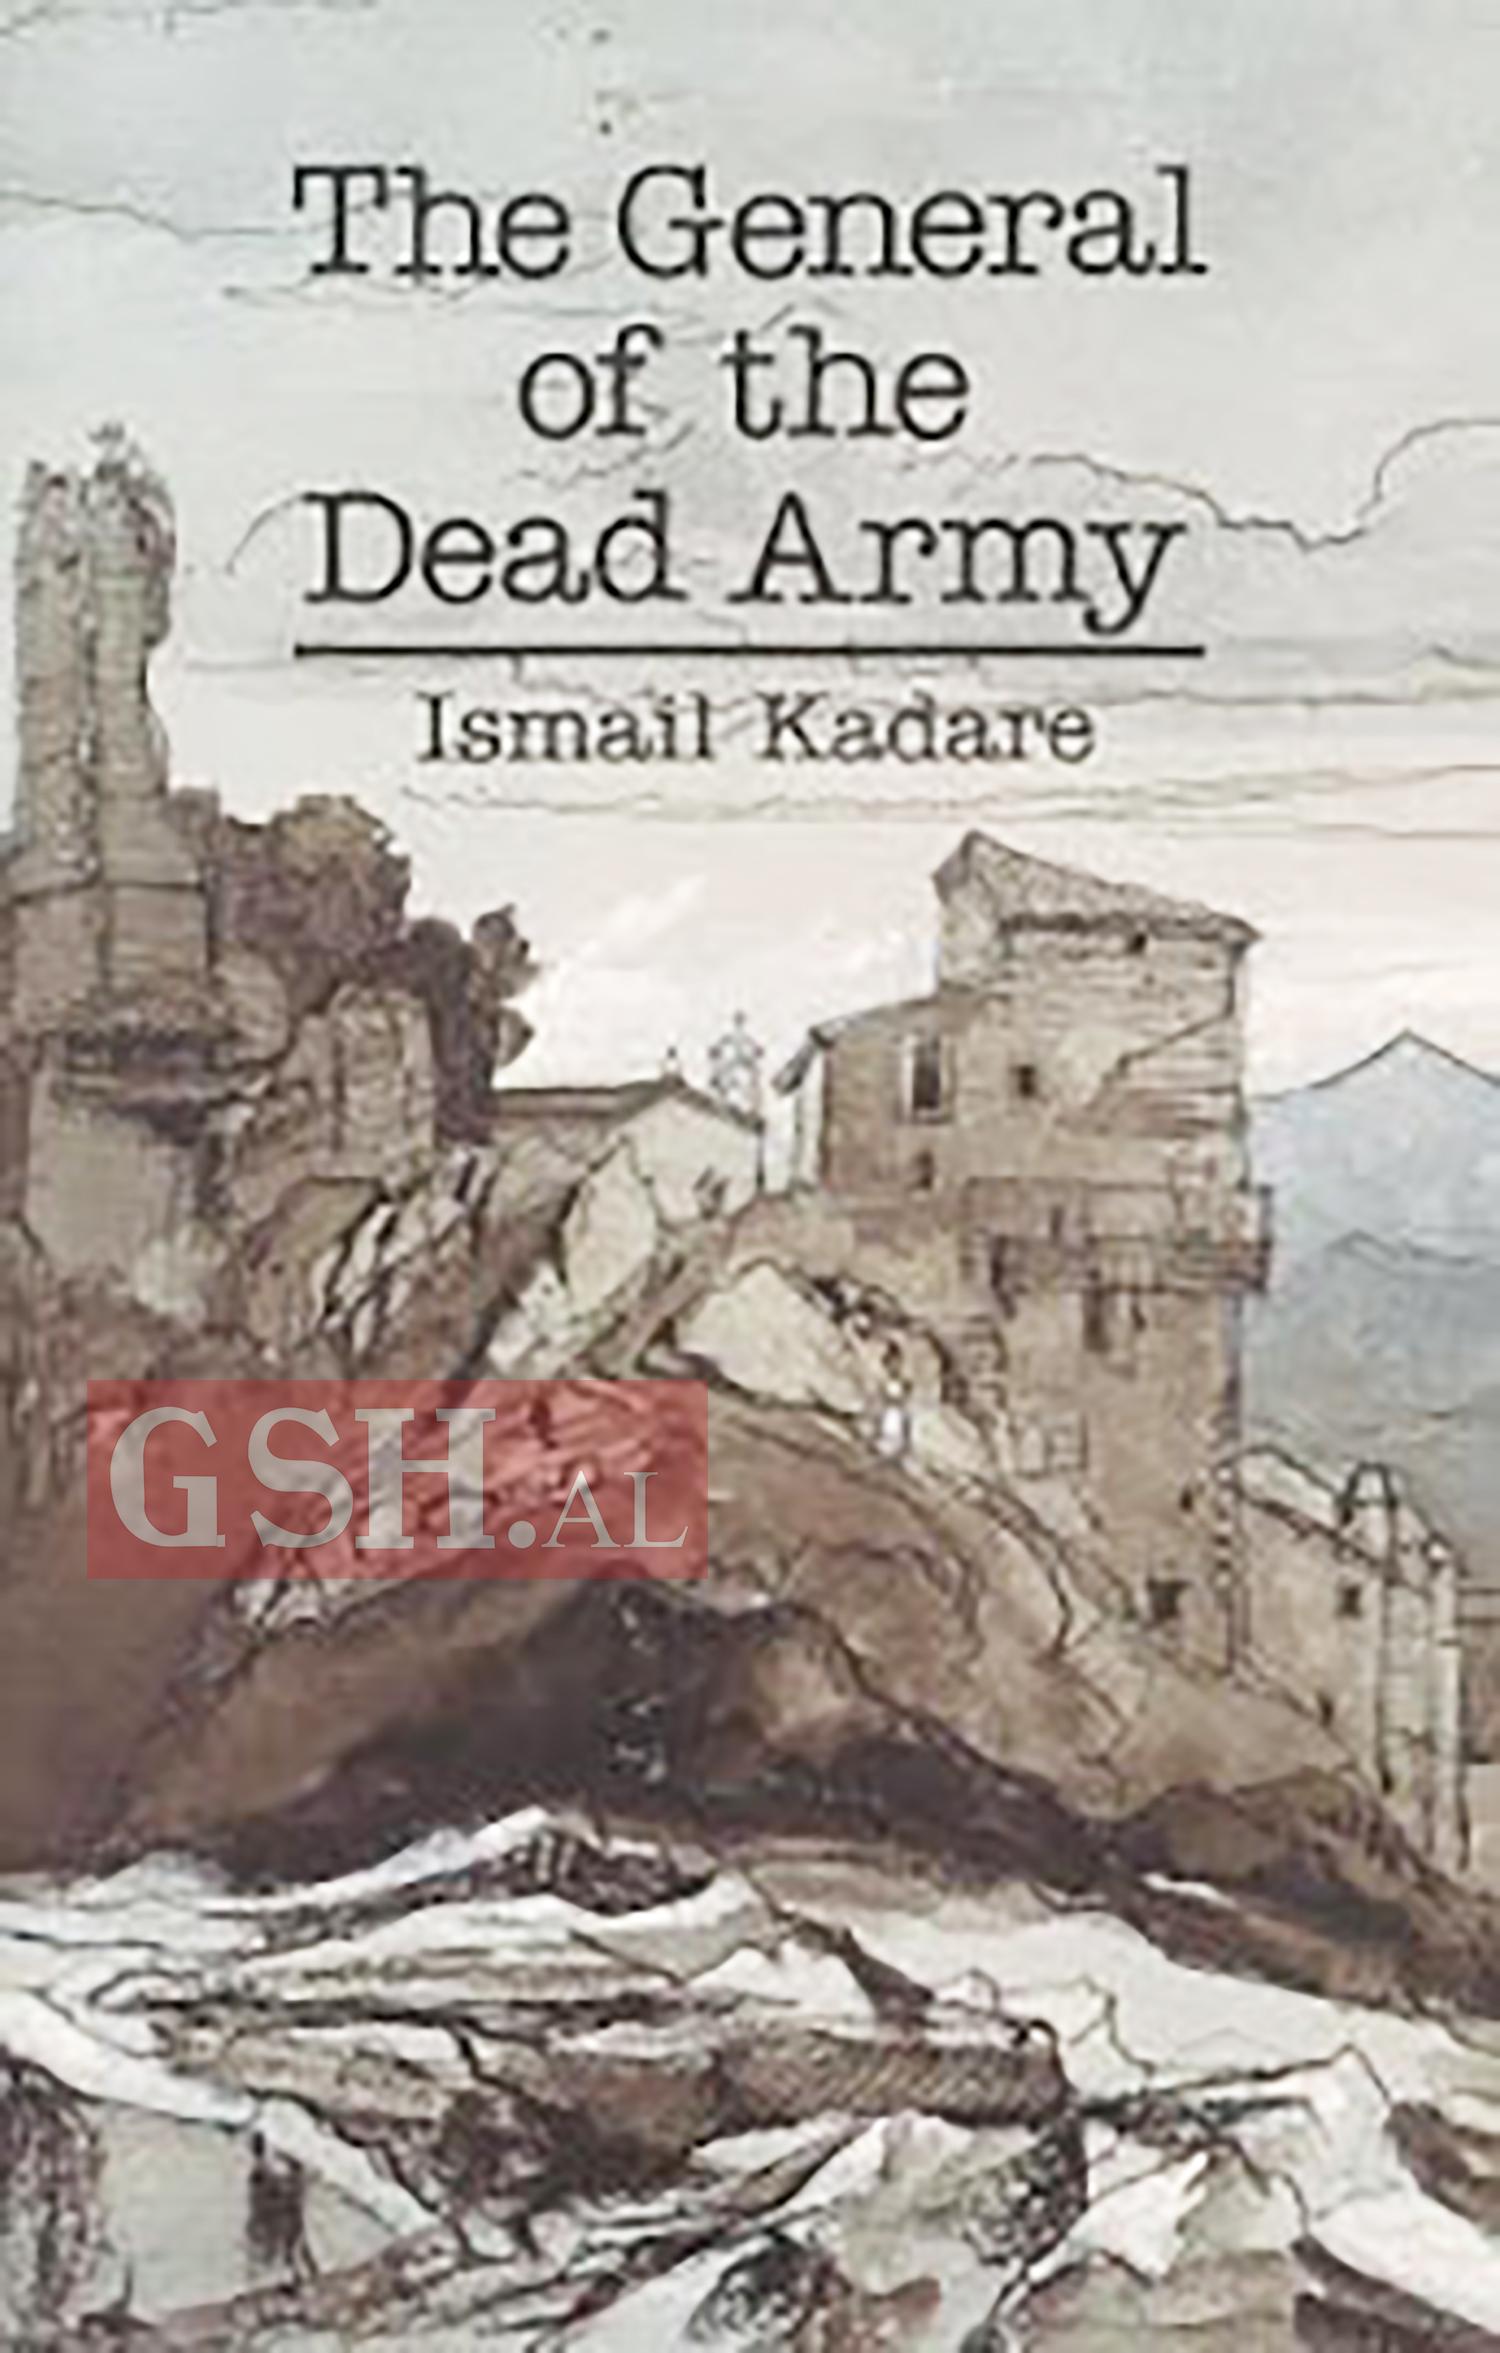 Rezultate imazhesh për gjenerali i ushtrise se vdekur pdf